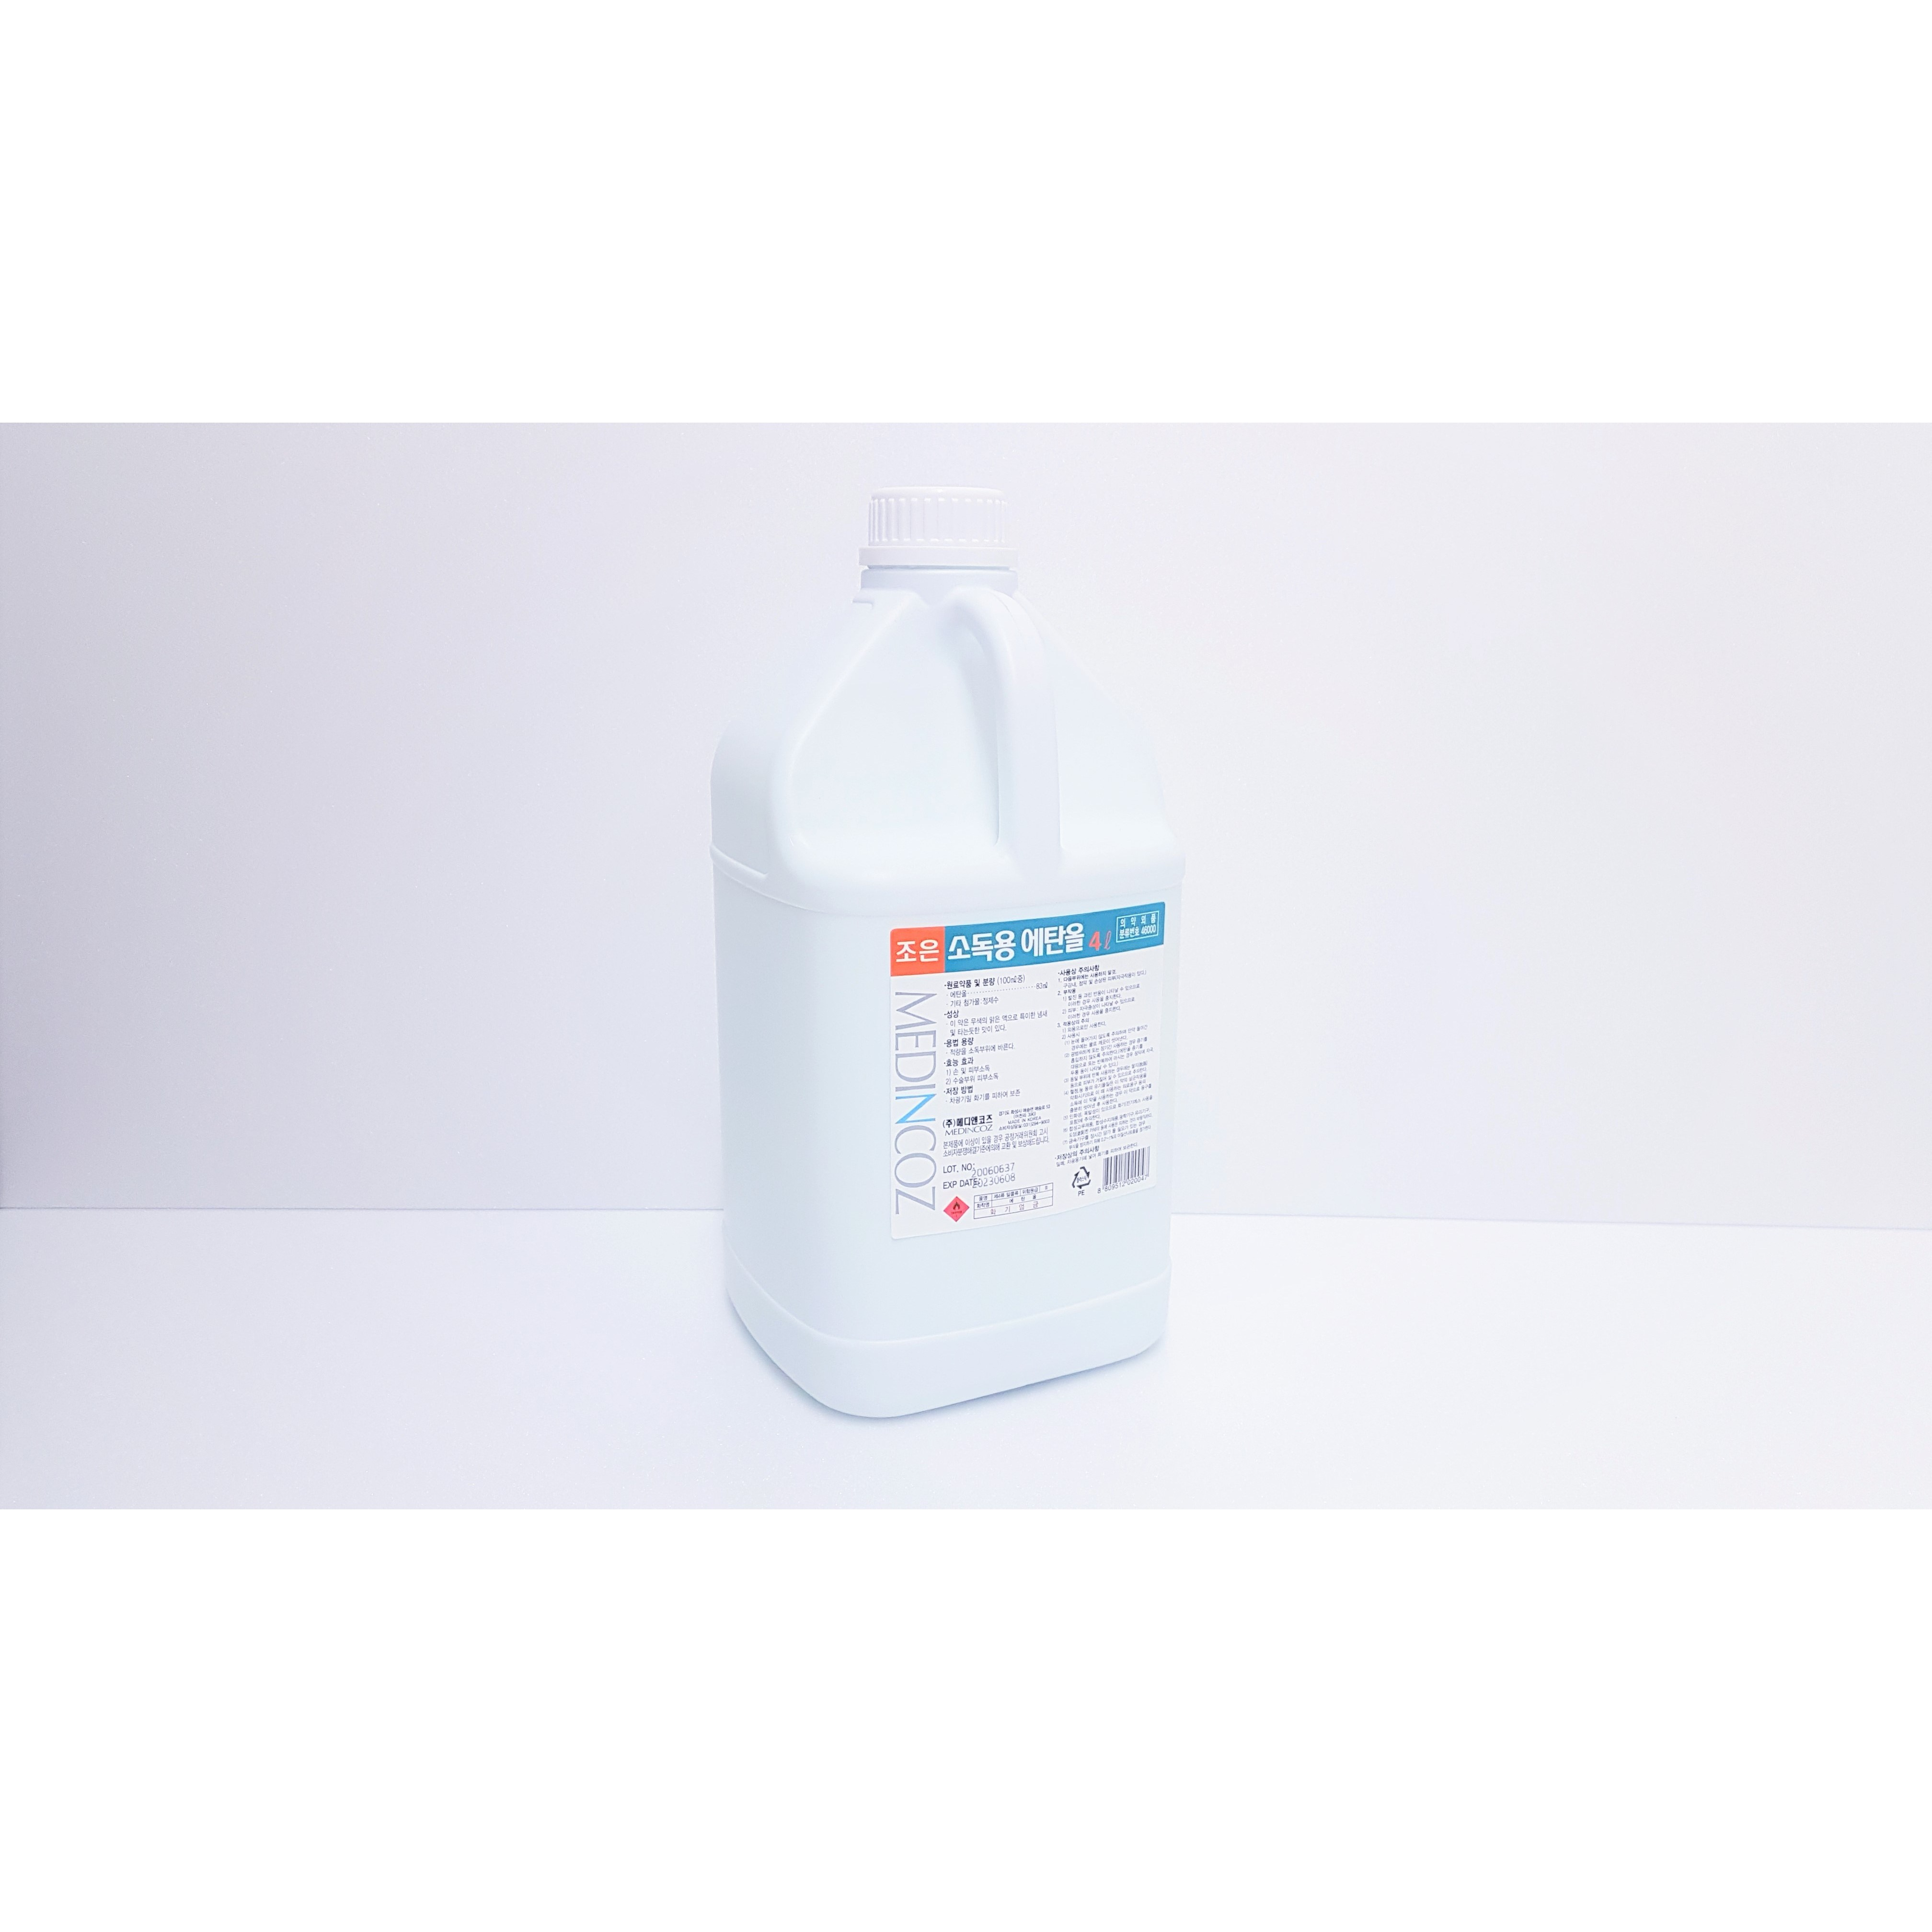 조은팜 소독용 에탄올 83% 4L, 2. 4L 2통 (POP 4736884703)